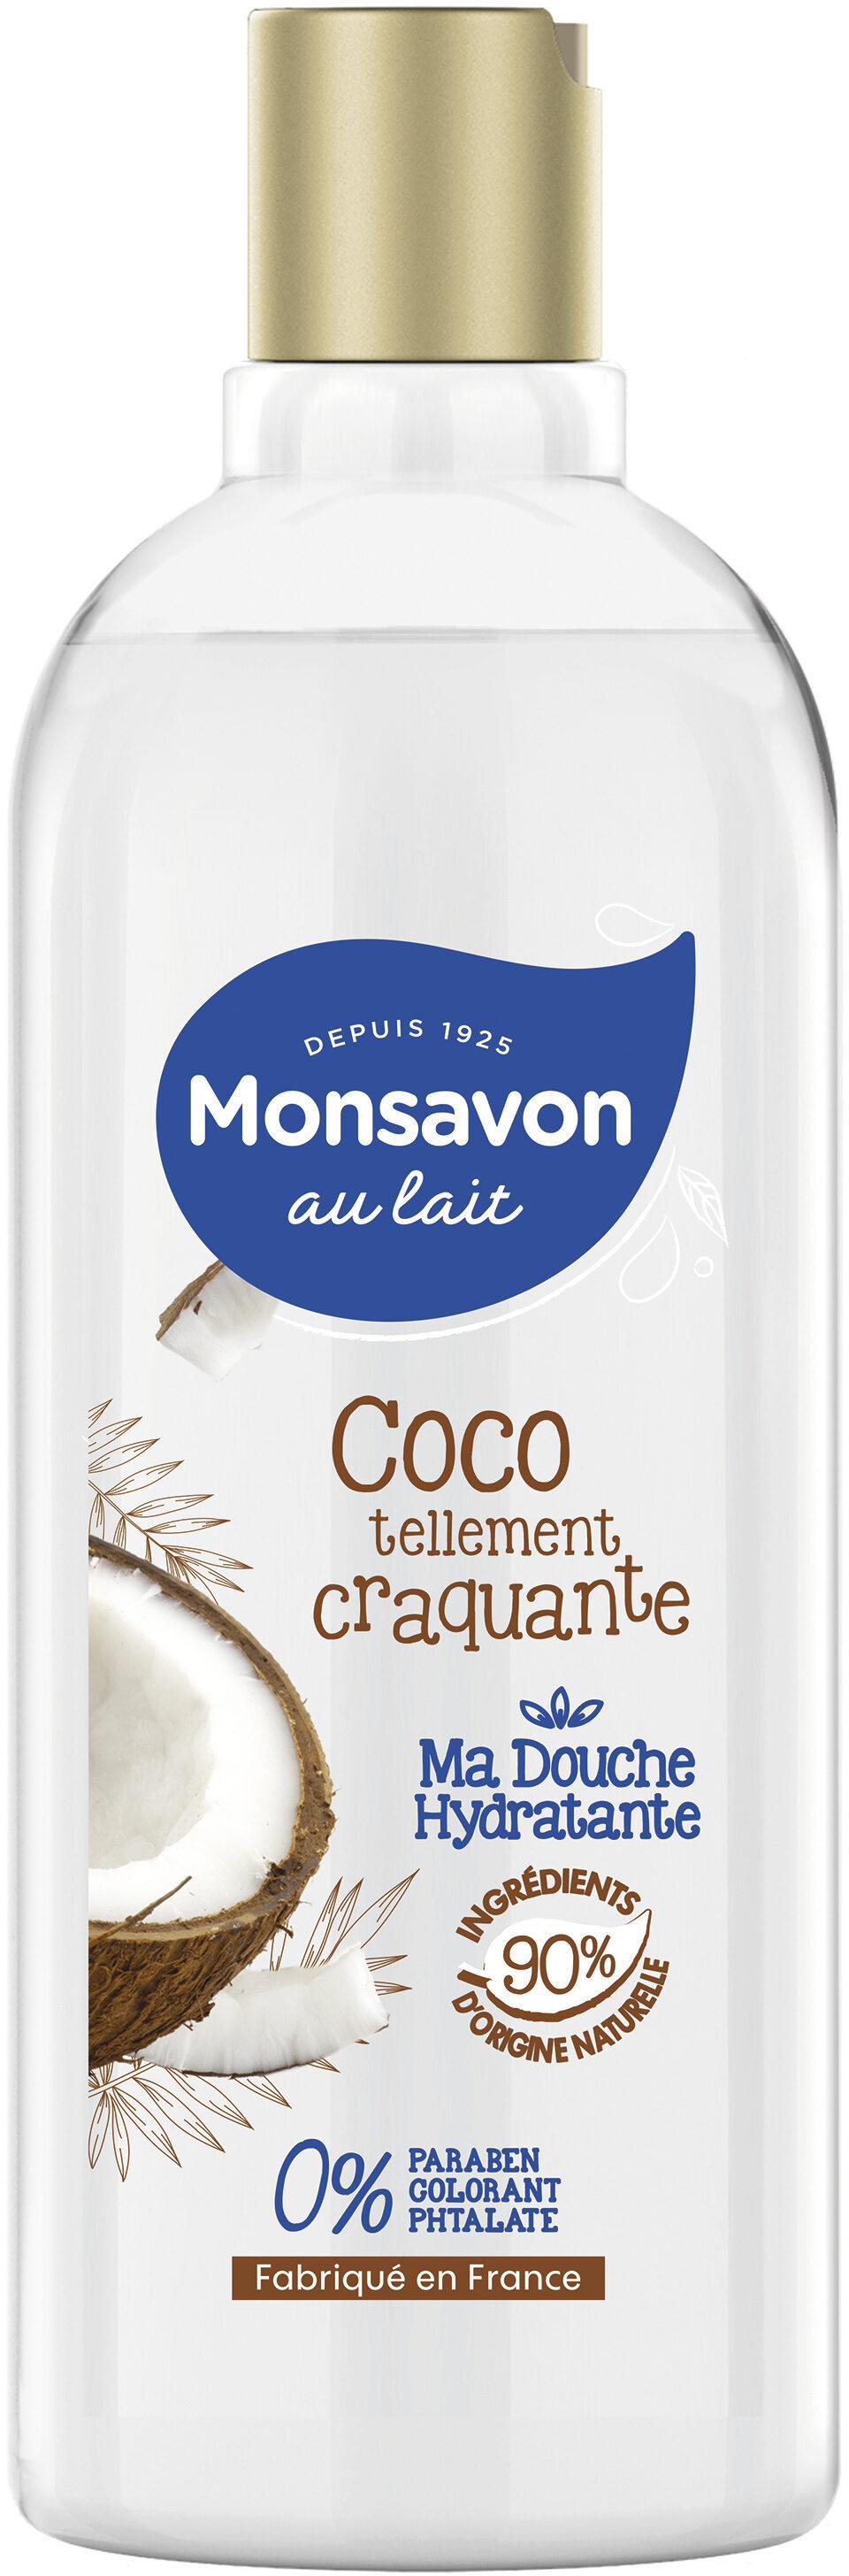 Monsavon Gel Douche Coco Tellement Craquante - Product - fr